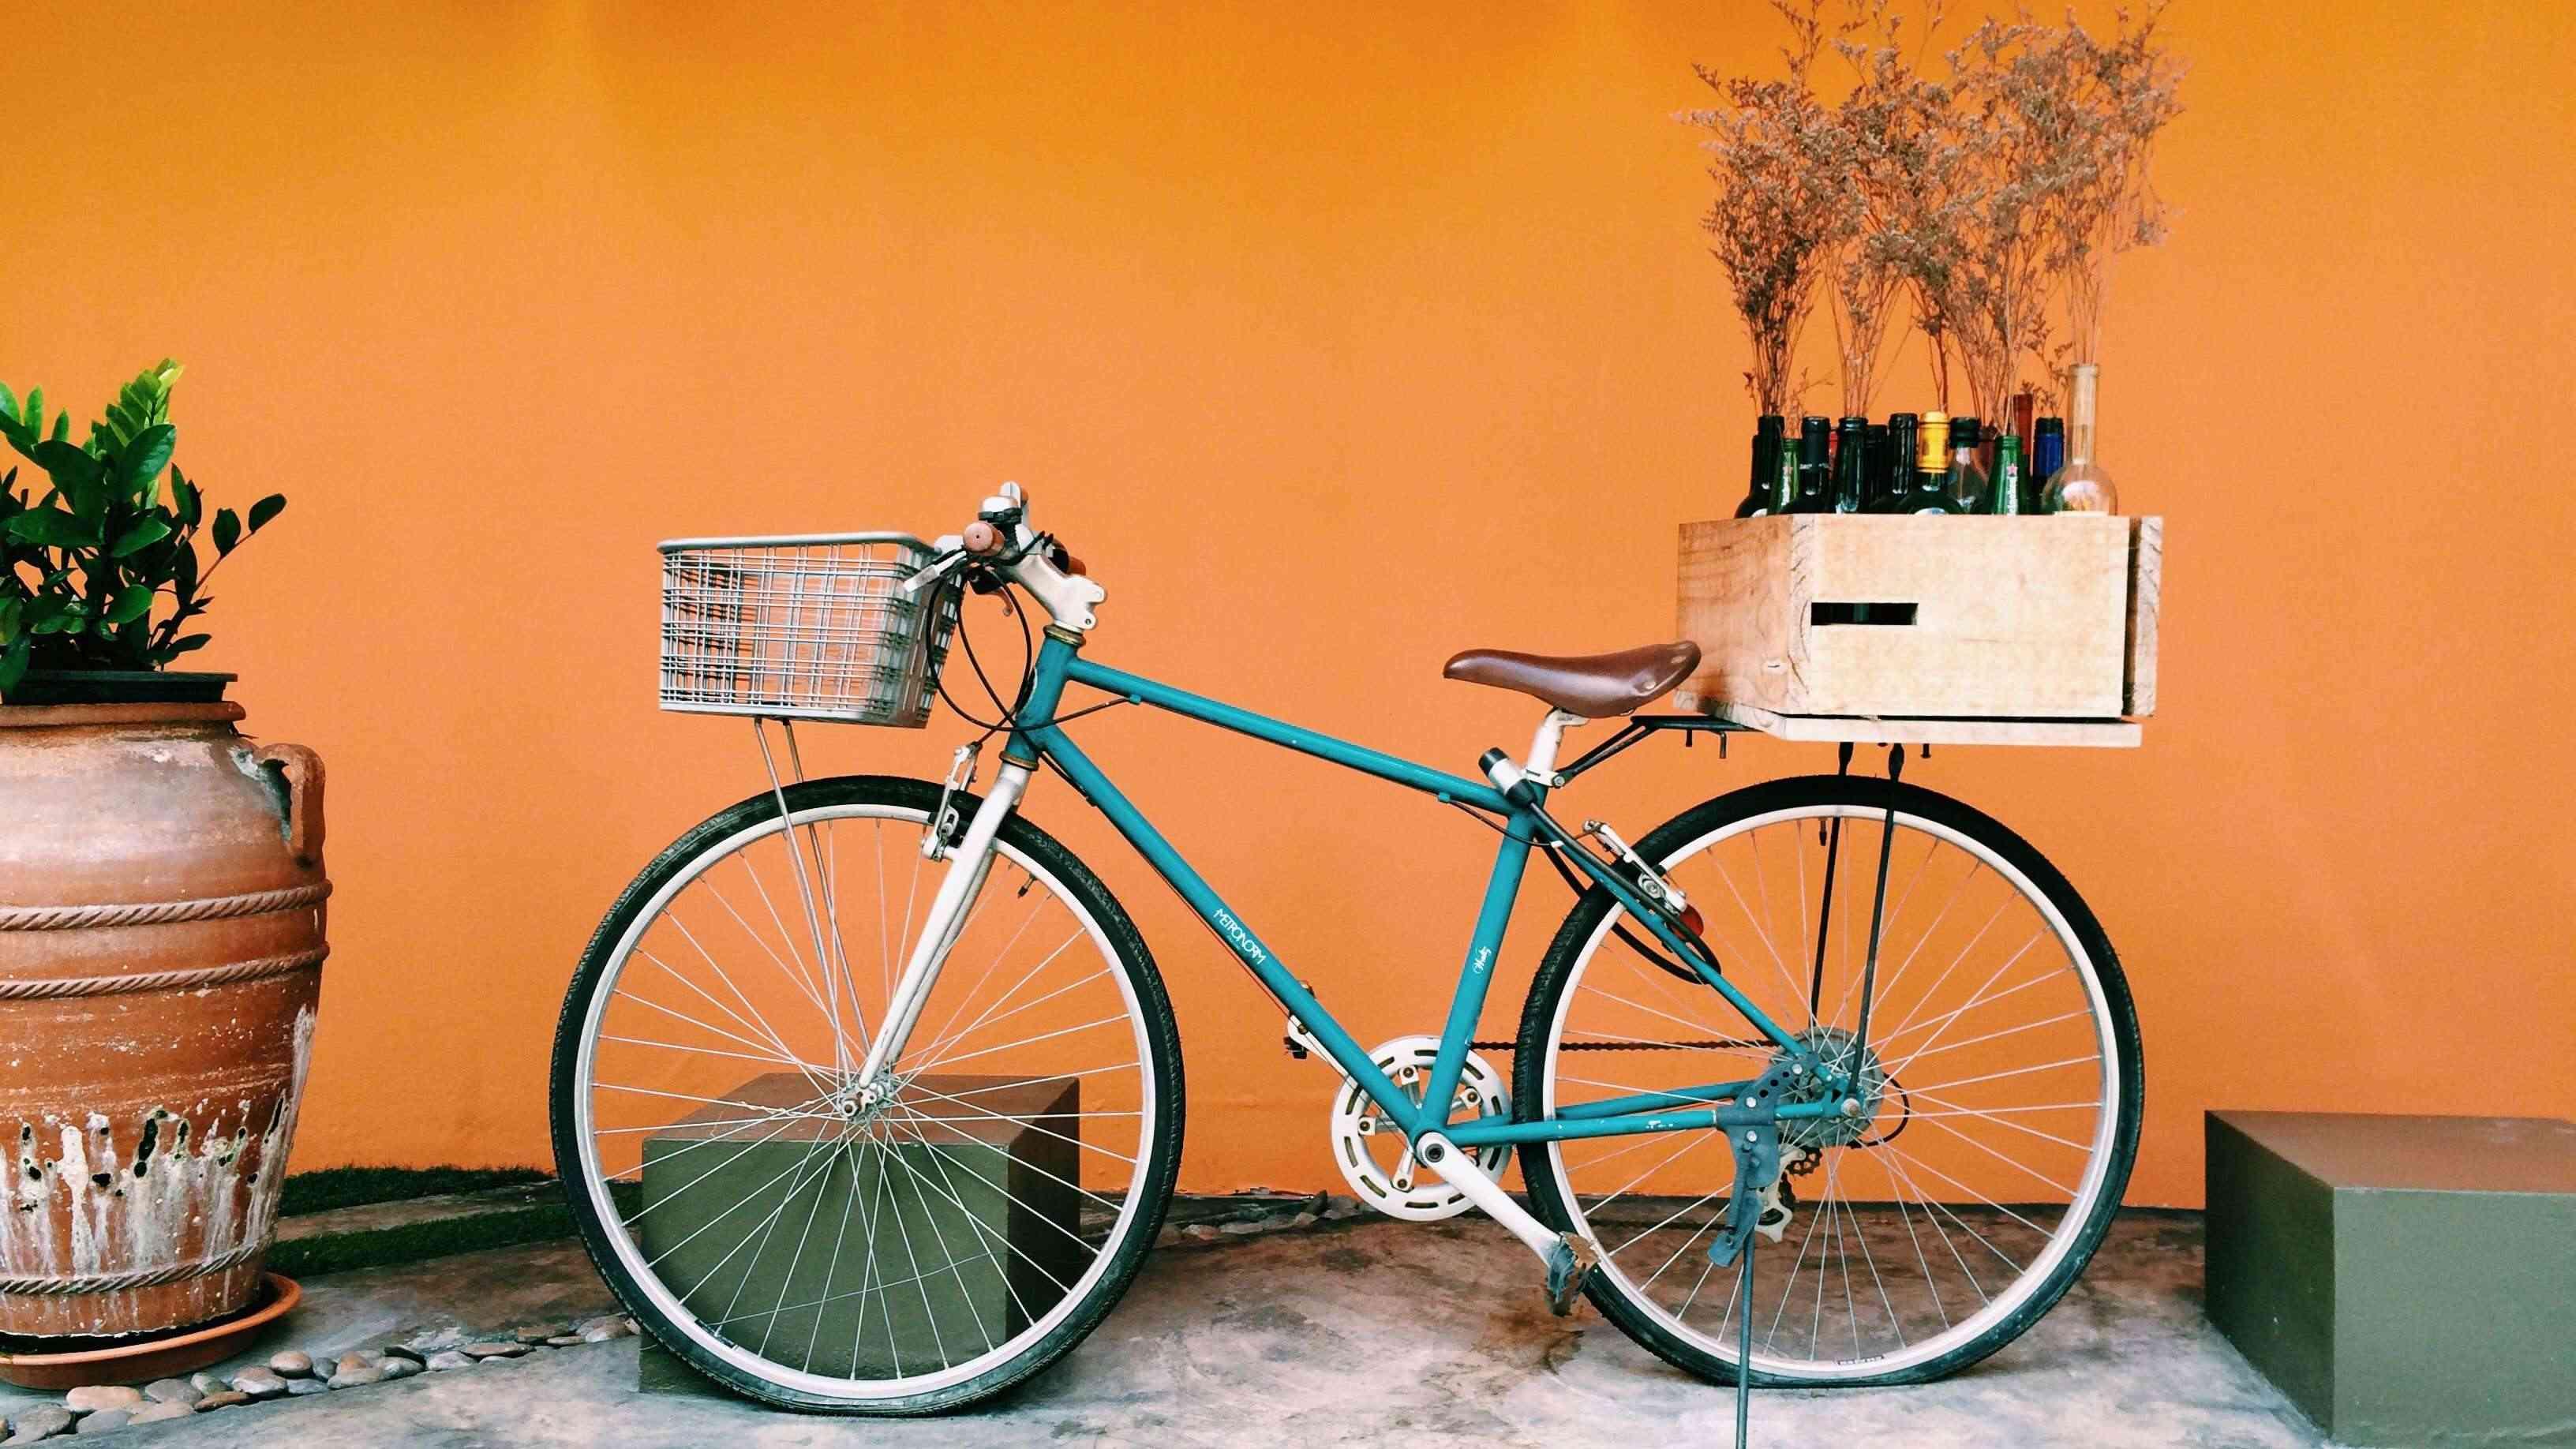 wine-in-the-back-of-a-bike-teachworkoutlove.com